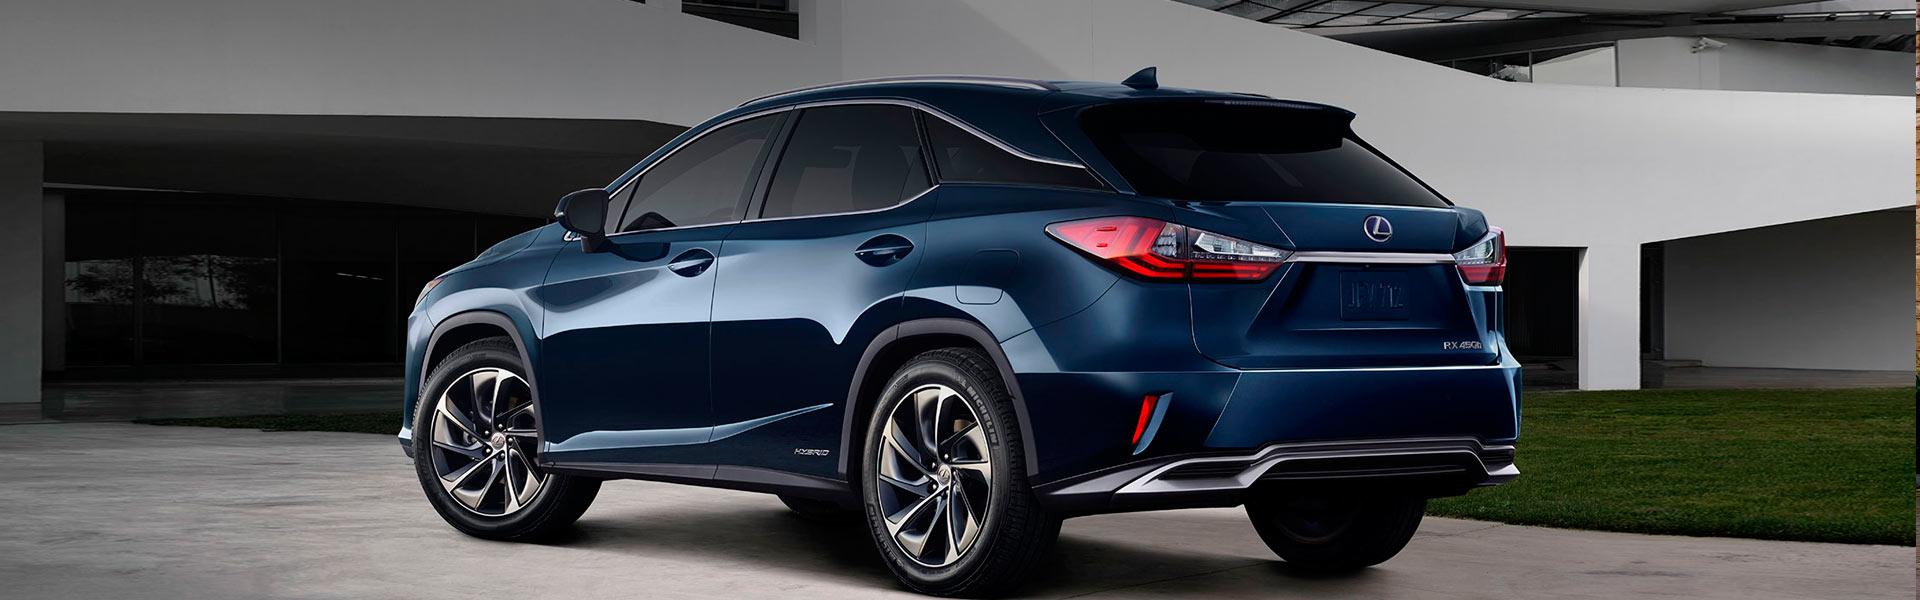 Замена прокладки гбц Lexus RX